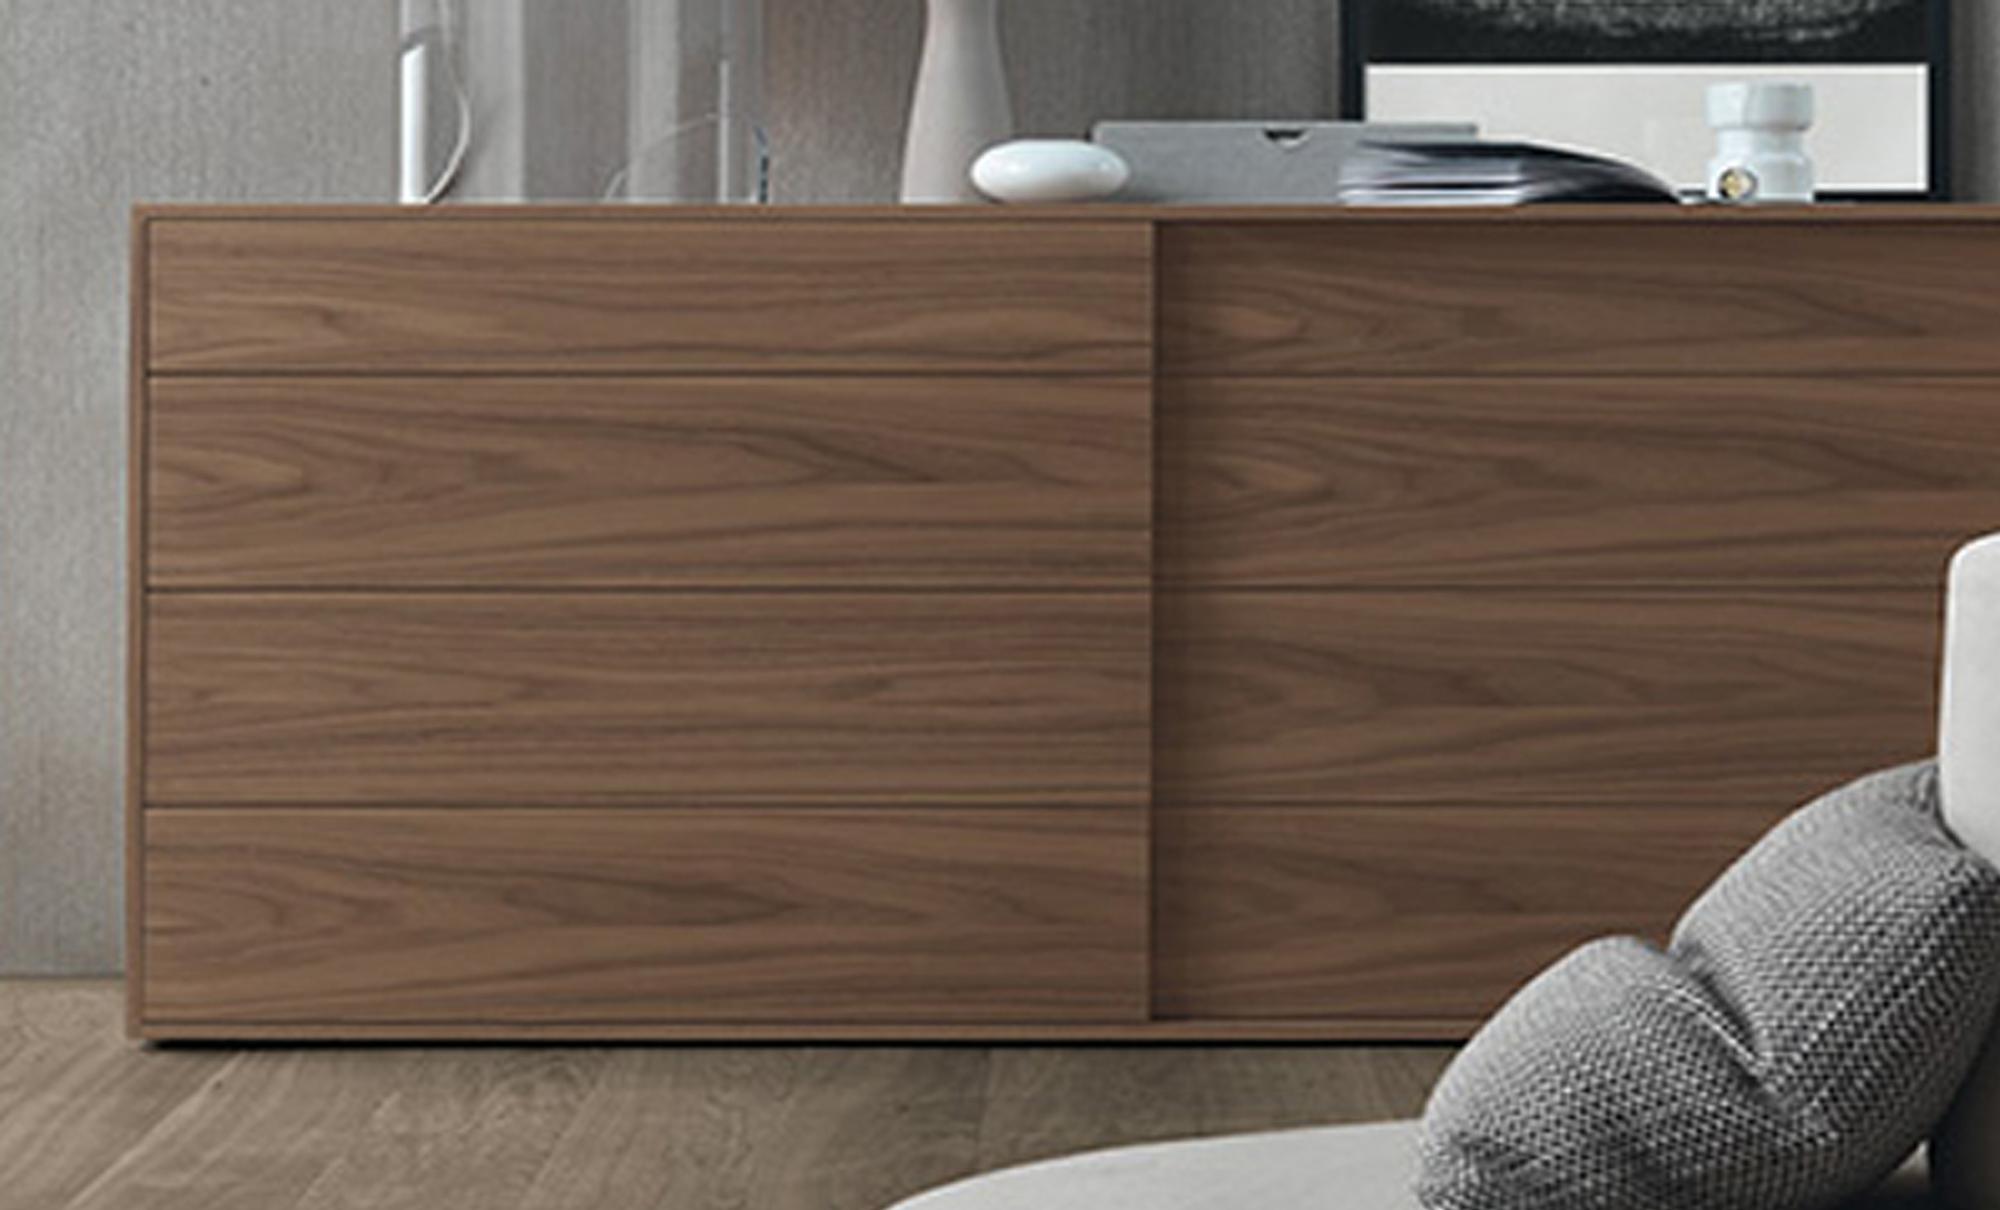 Cabinets Bedroom > PierPointSprings.com